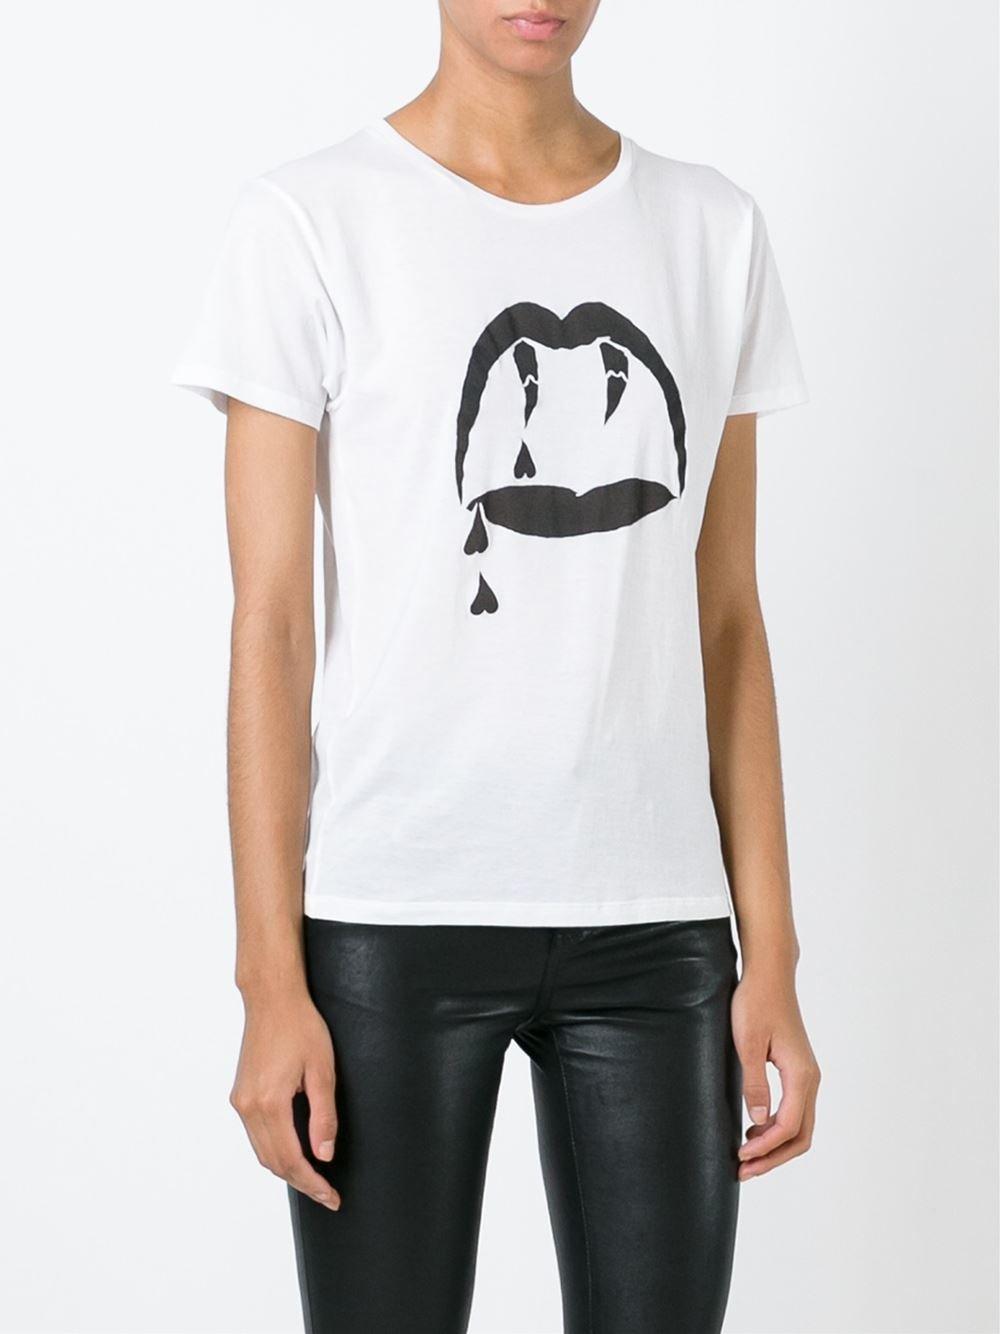 Saint laurent fangs print t shirt in white lyst for Saint laurent t shirt